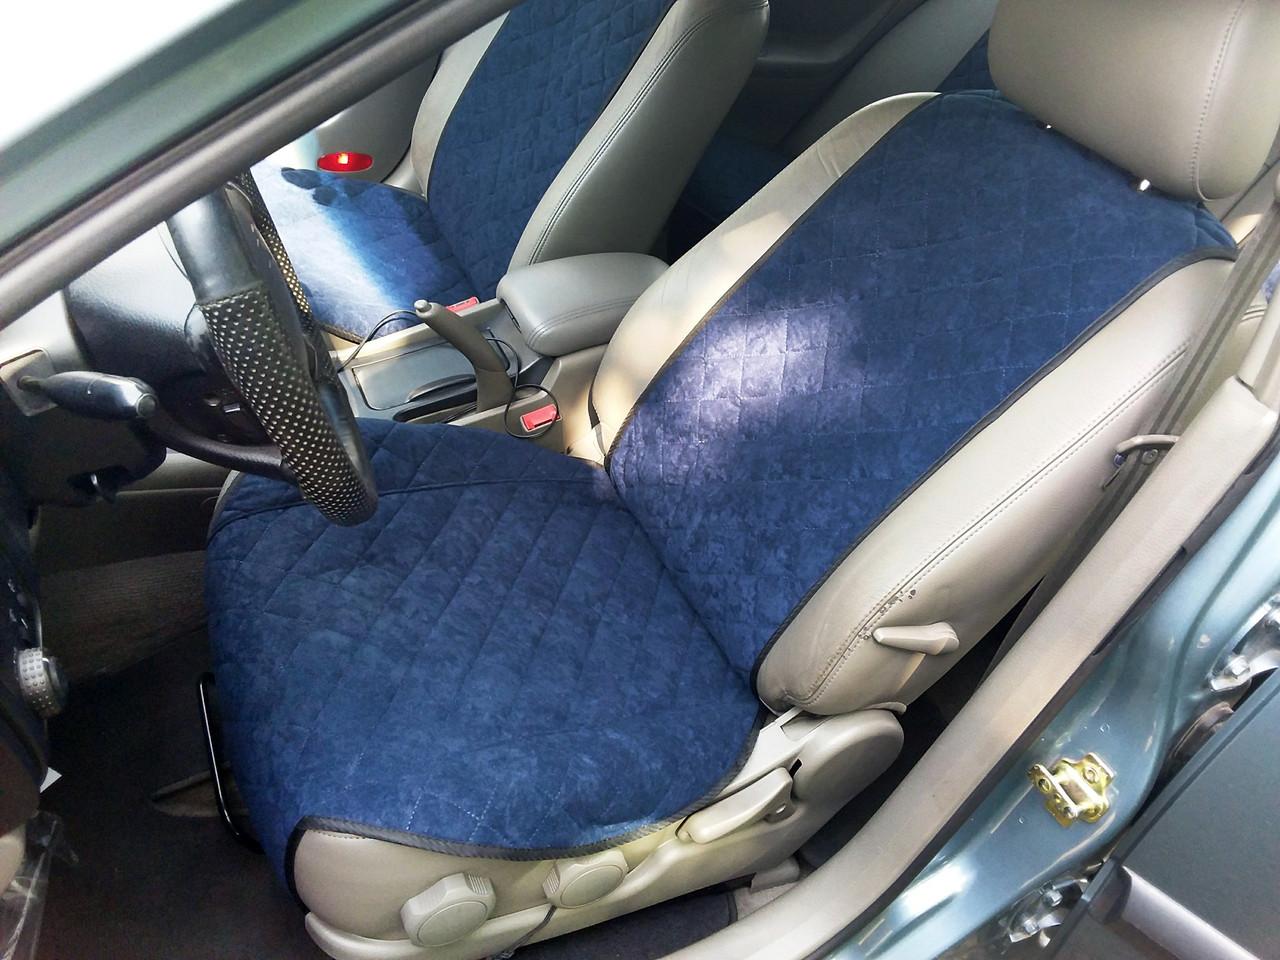 Накидки на передние сиденья Темно-синие Широкие из алькантары